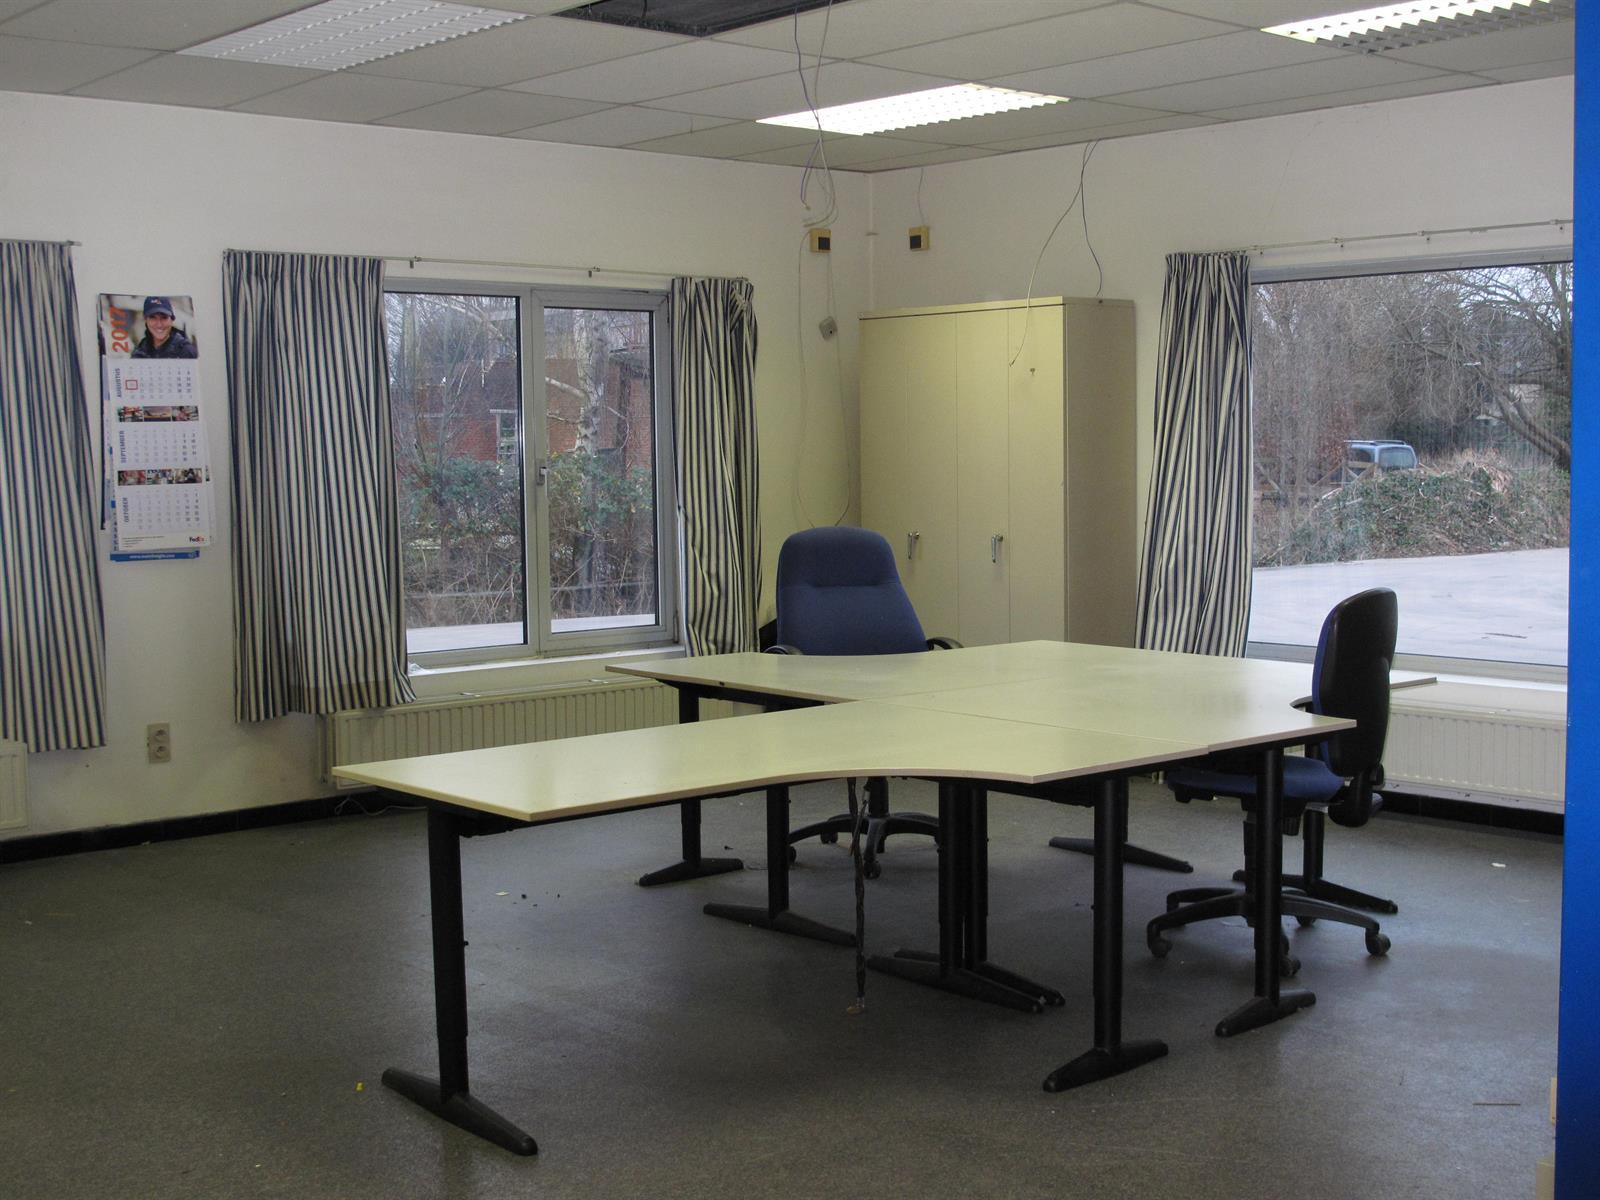 kantoor te huur Kantoor - Rollebeekstraat 16, 2160 Wommelgem, België 2